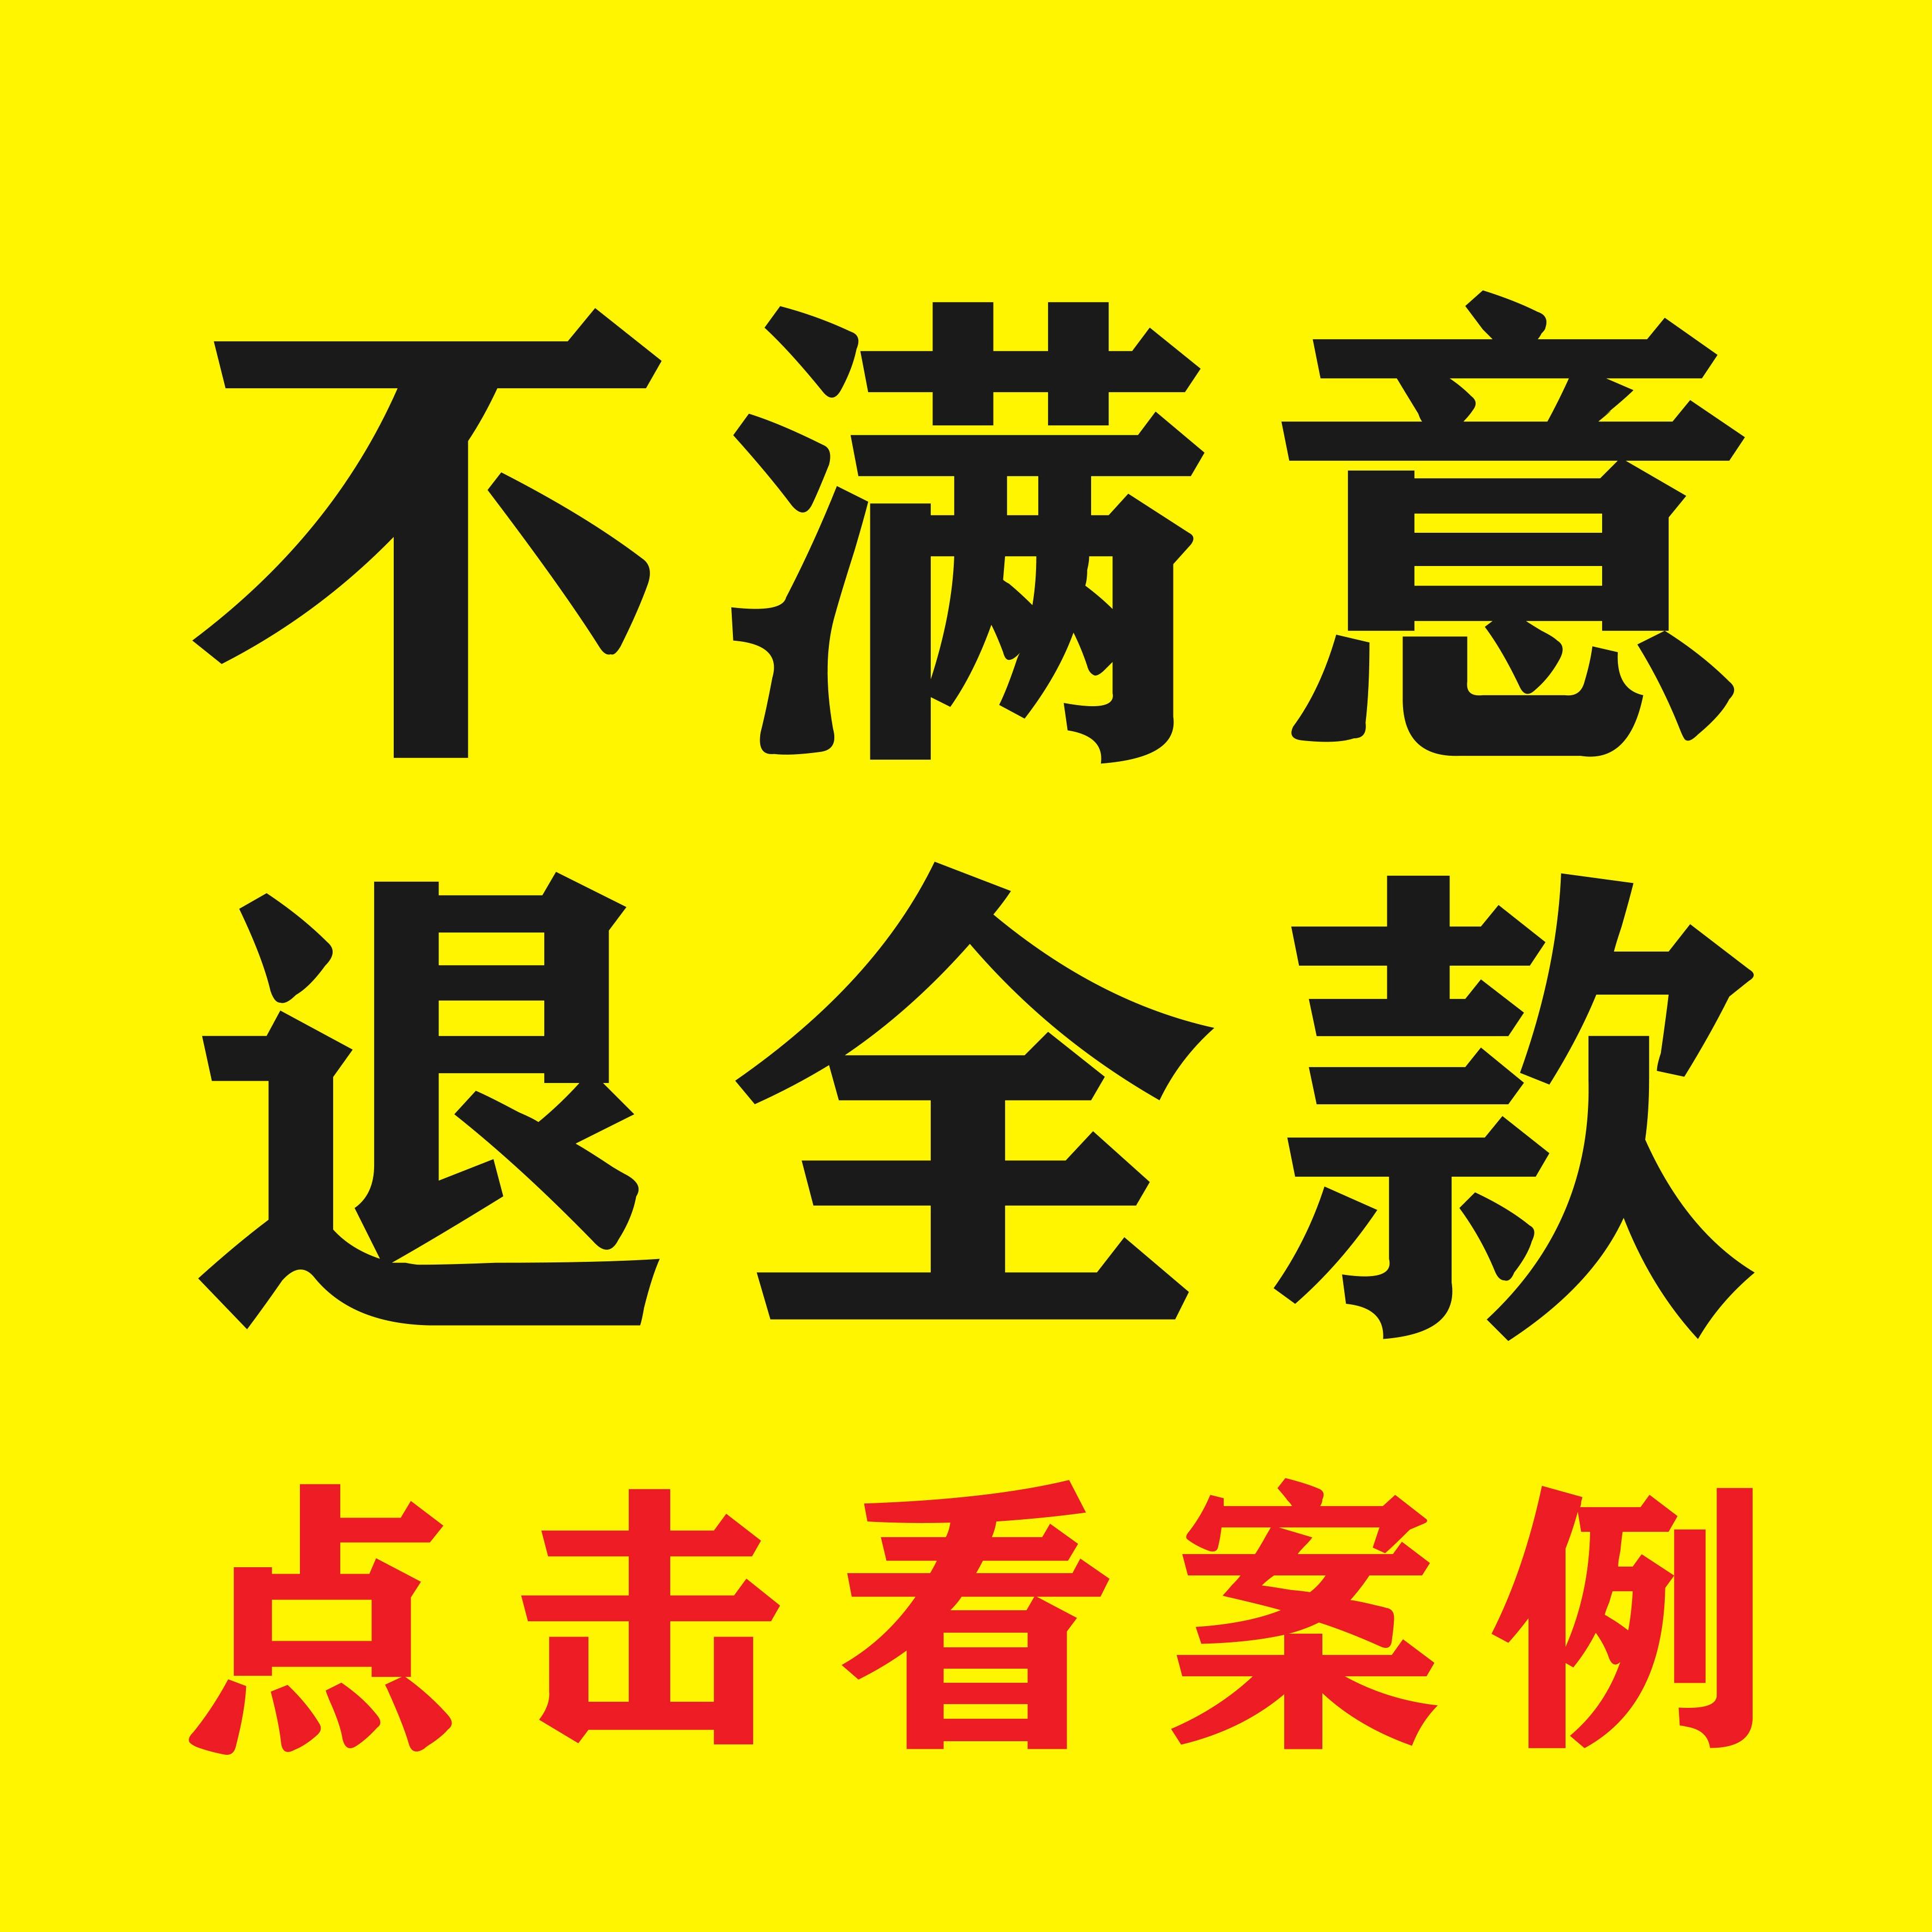 【不满意退全款】公司logo企业品牌标志设计图标字体商标设计